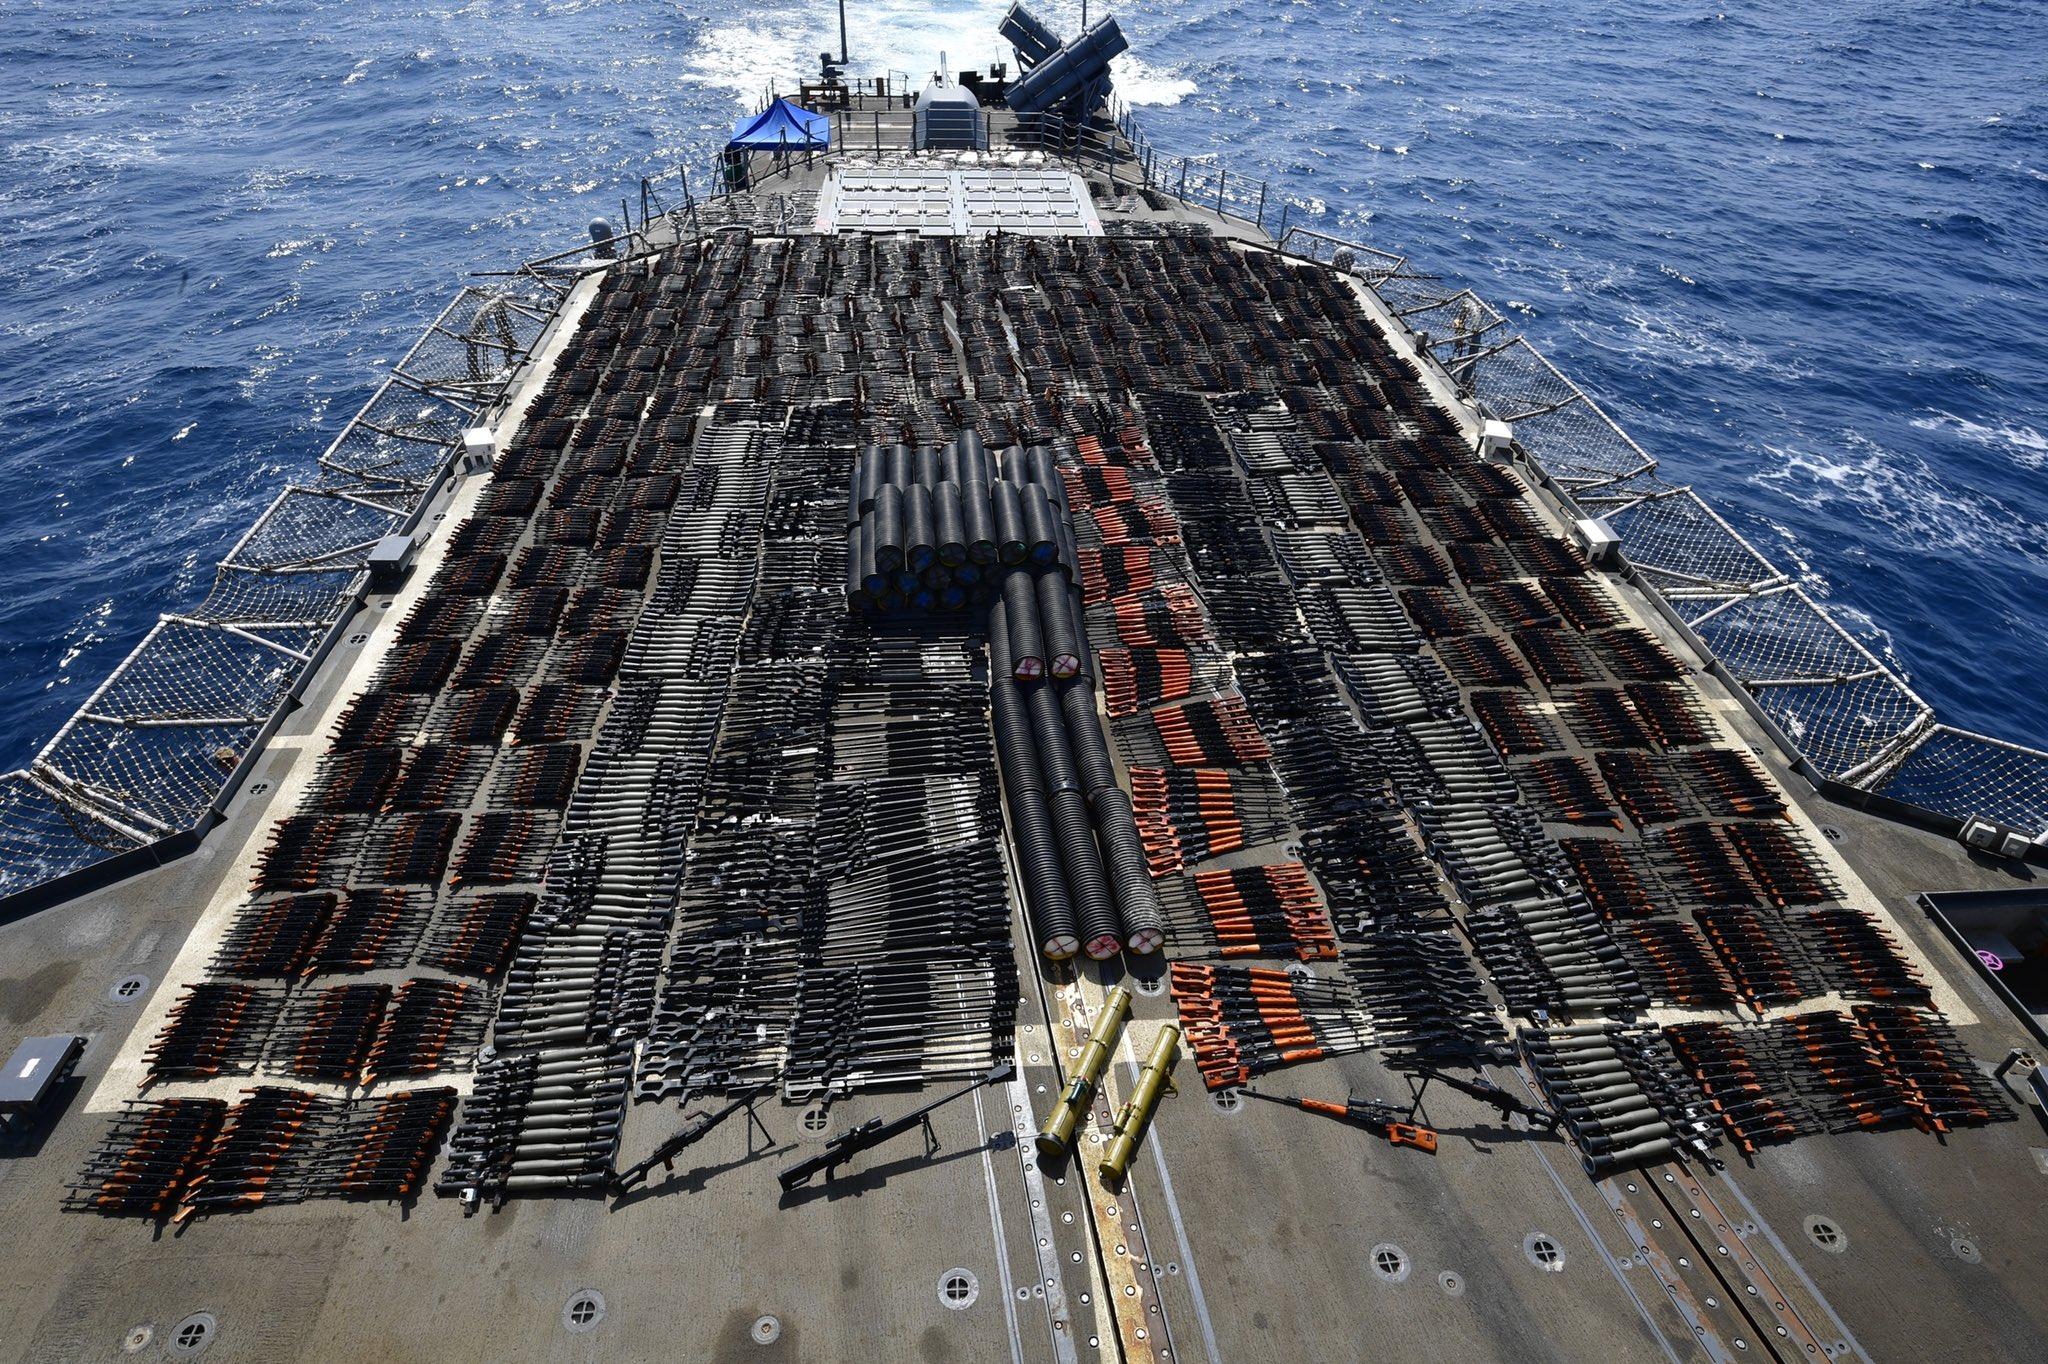 Американские военные задержали судно с крупной партией российского оружия - детали (Фото) - фото 3